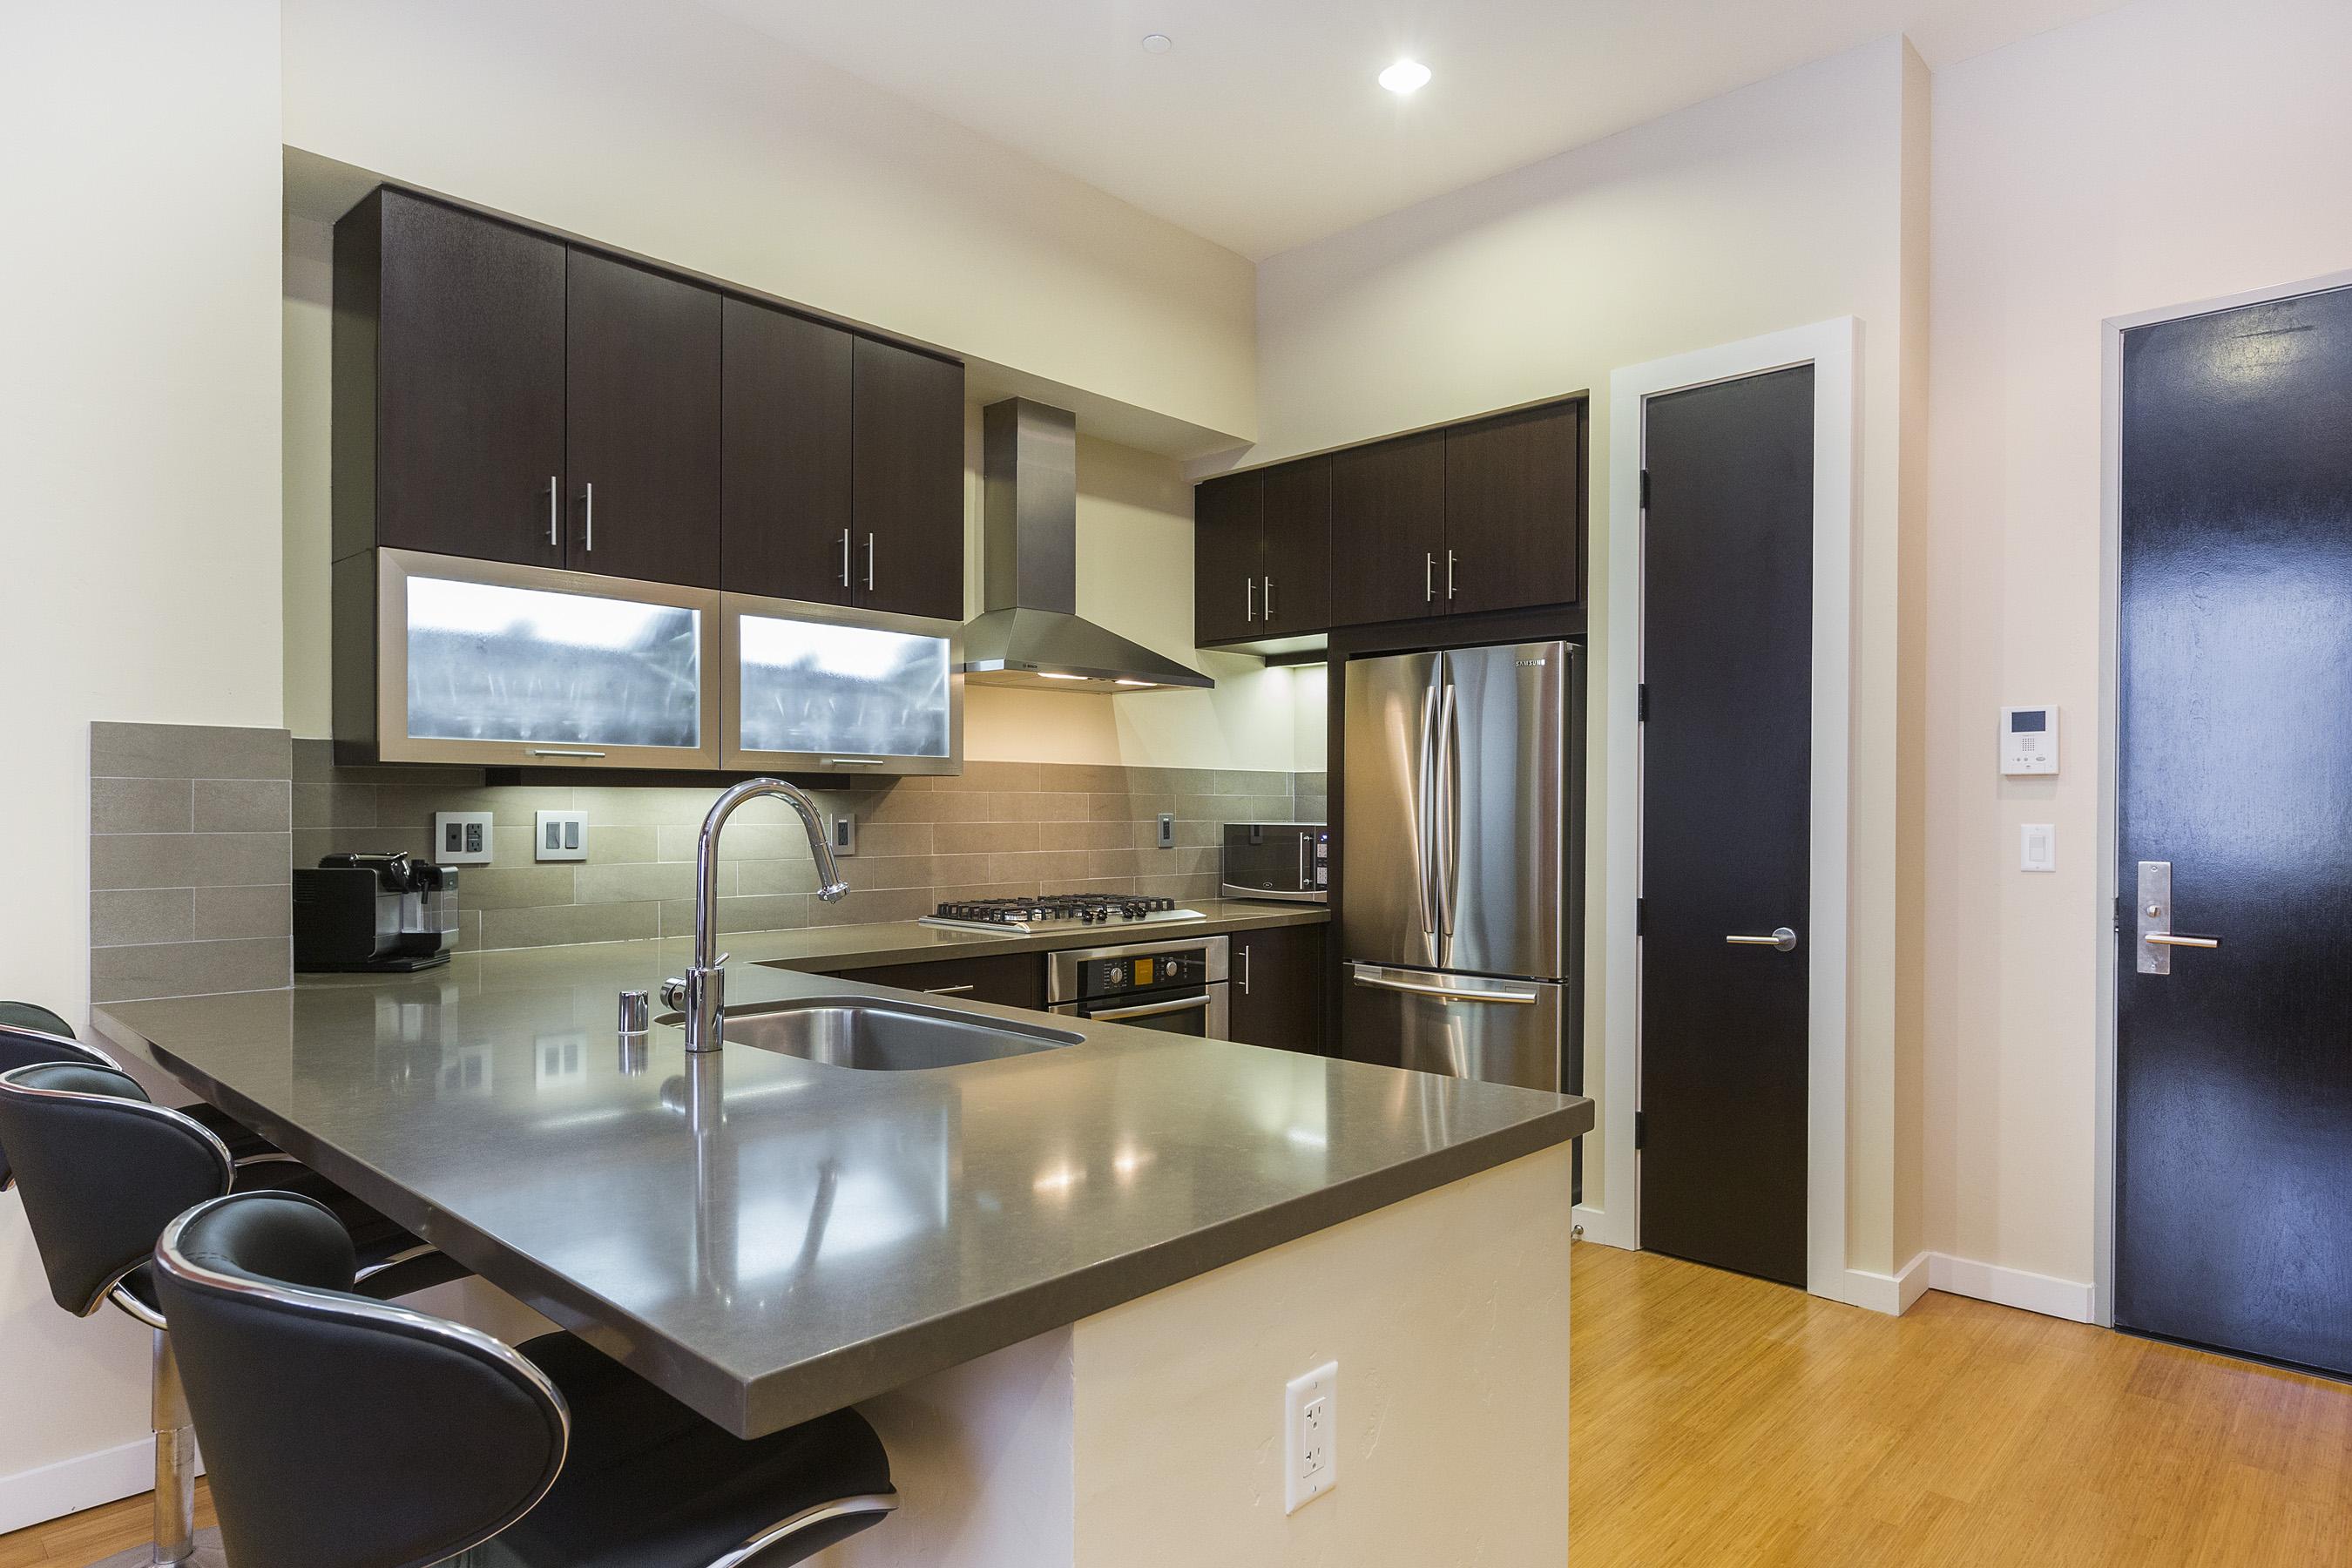 Best Kitchen Gallery: 21st Century Kitchens And Cabi S Trekkerboy of 21st Century Kitchens And Cabinets on rachelxblog.com